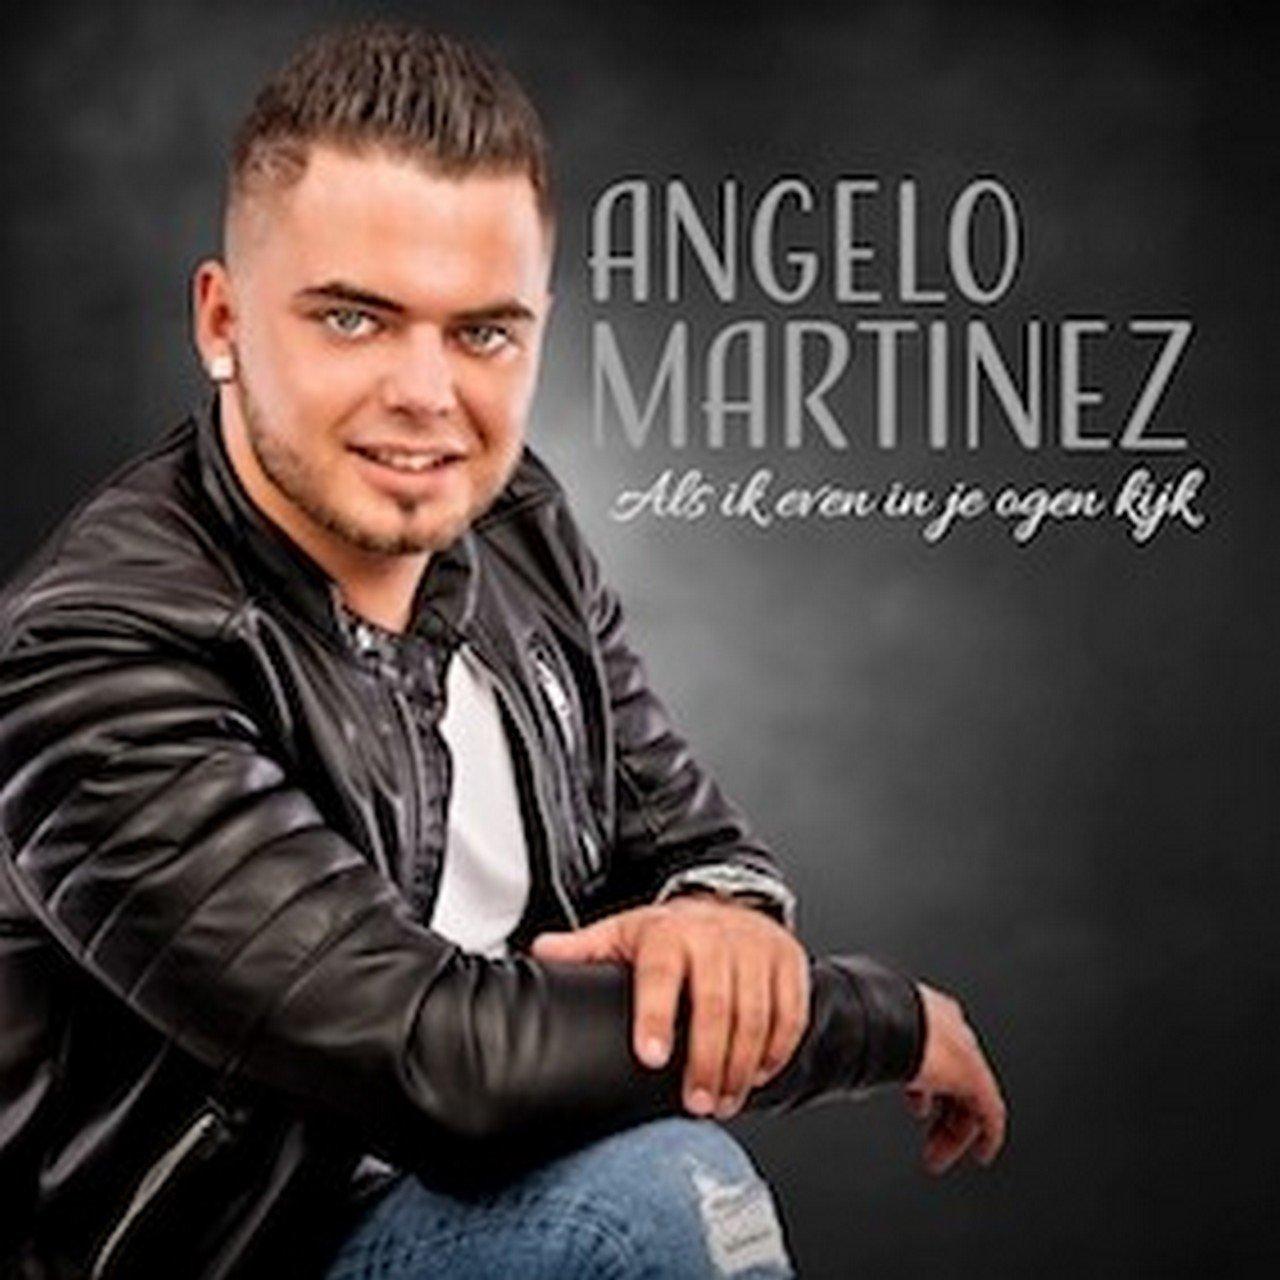 Angelo Martinez lanceert debuutsingle 'Als ik even in je ogen kijk' - Hoes Angelo Martinez als ik in je ogen kijk